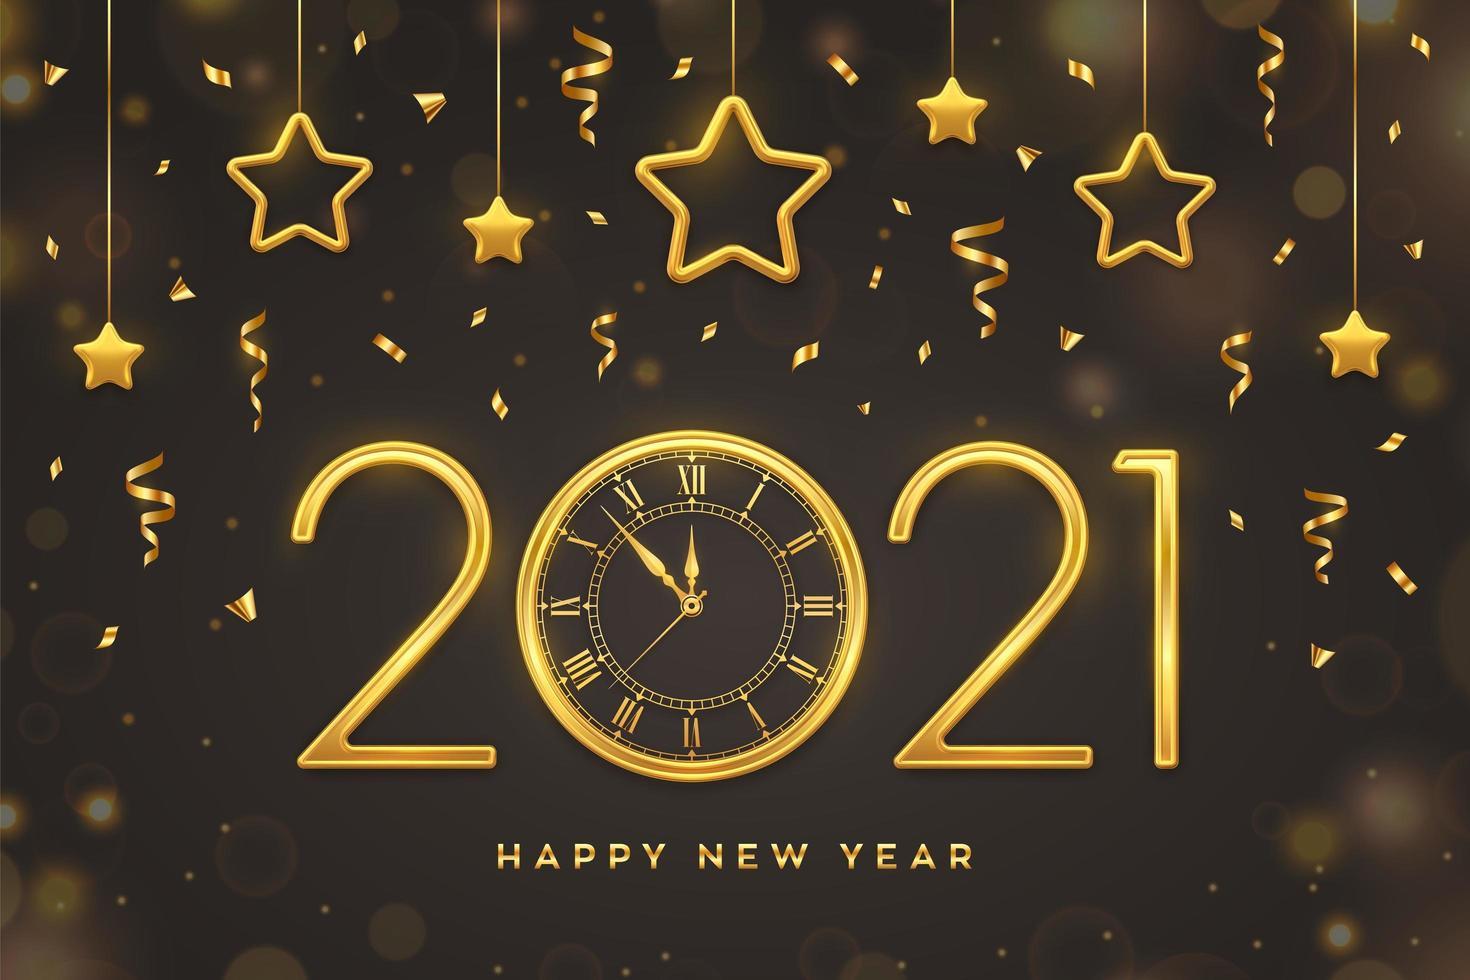 goldener Text des neuen Jahres, Uhr und hängende Sterne vektor